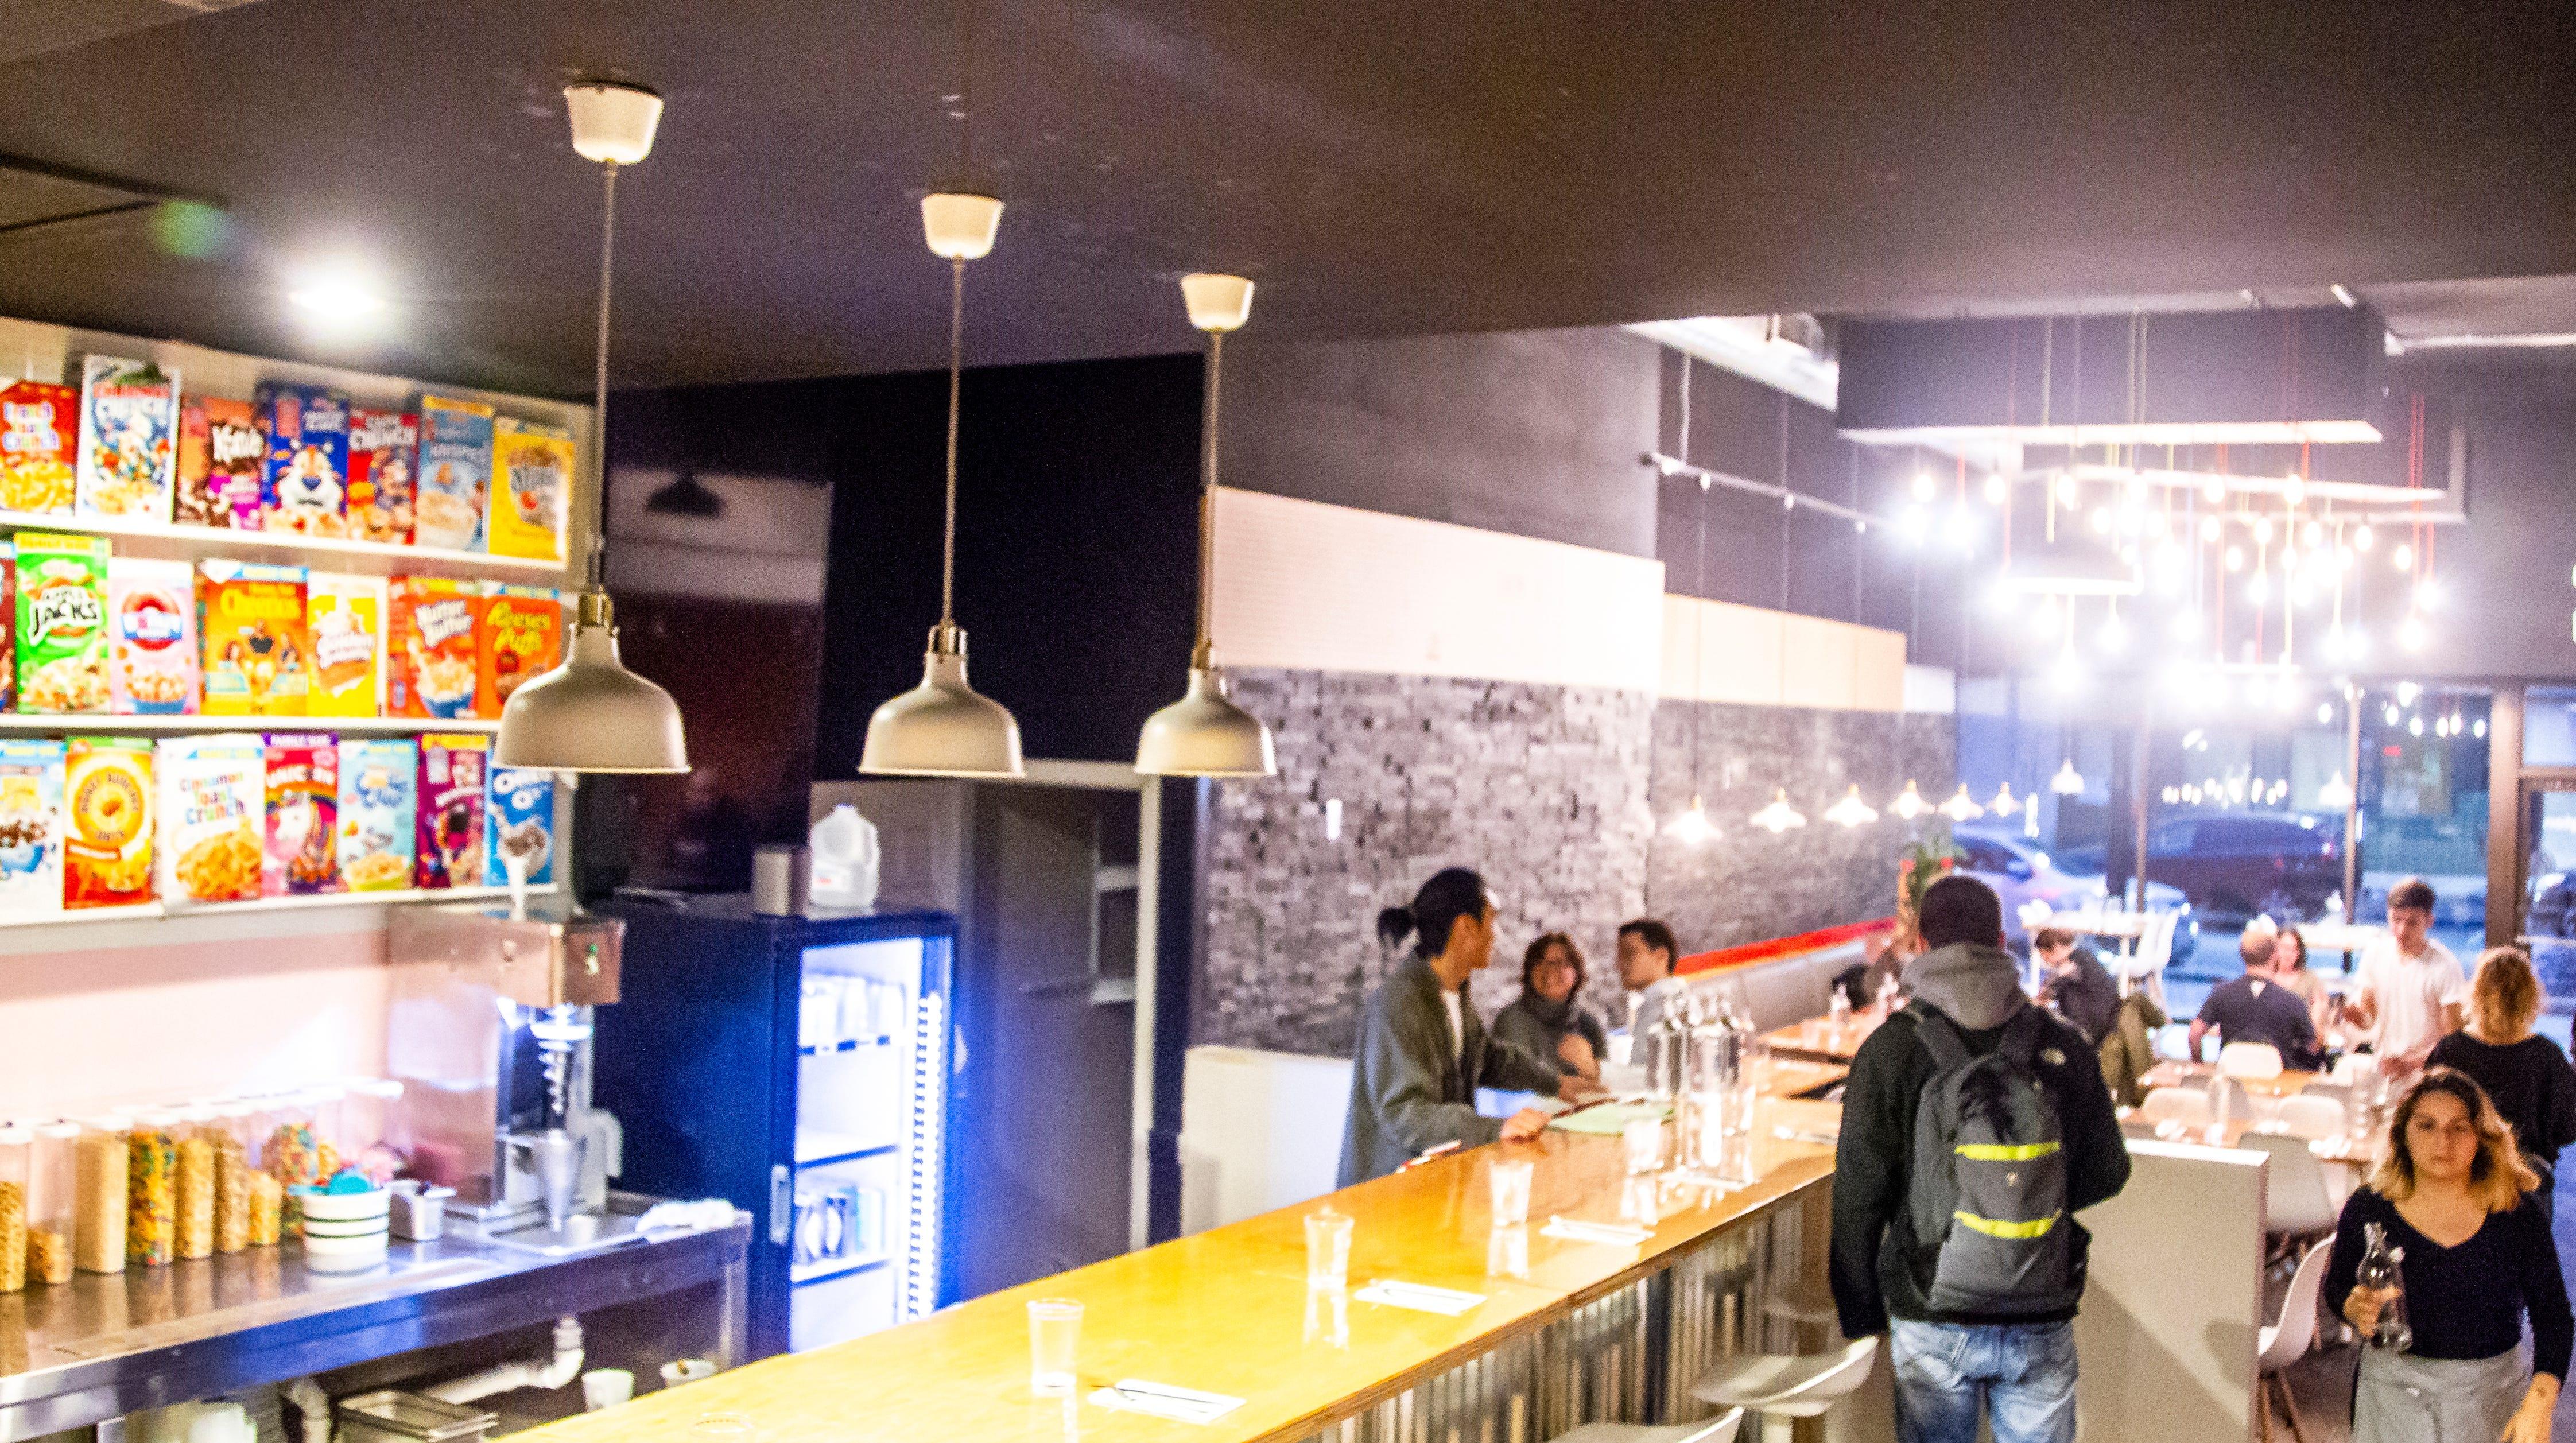 Melk Diner Cereal Bar serves bowls of cereal alongside burgers in Iowa City